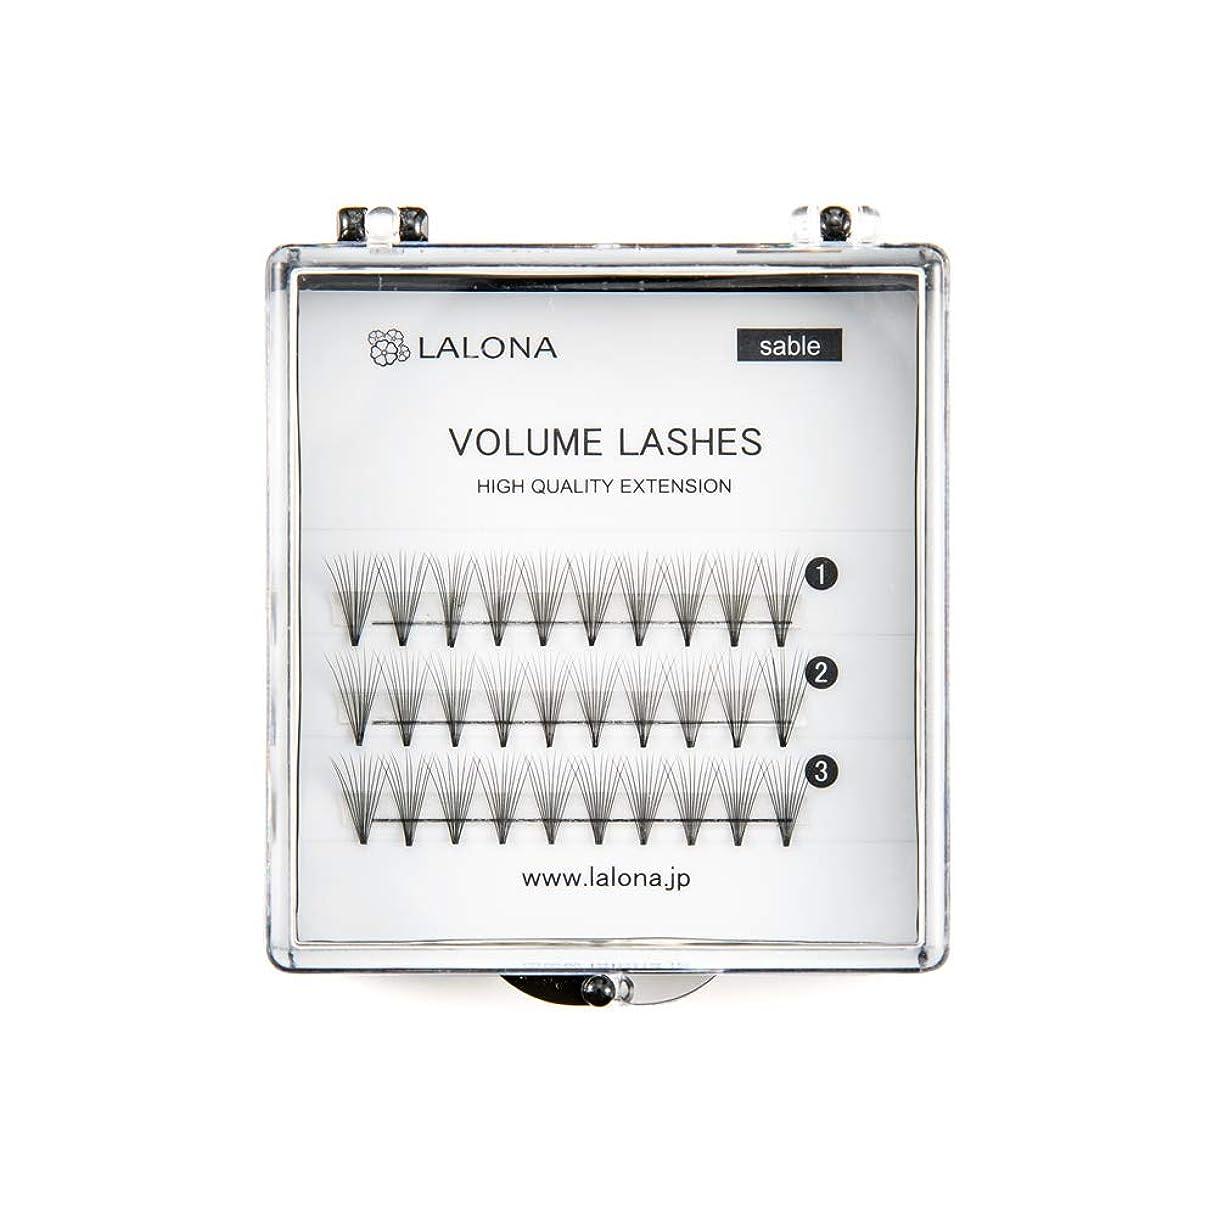 存在する収穫職業LALONA [ ラローナ ] ボリュームラッシュ (10D) (30pcs) まつげエクステ 10本束 フレアラッシュ まつエク 束まつげ セーブル (Dカール / 11mm)